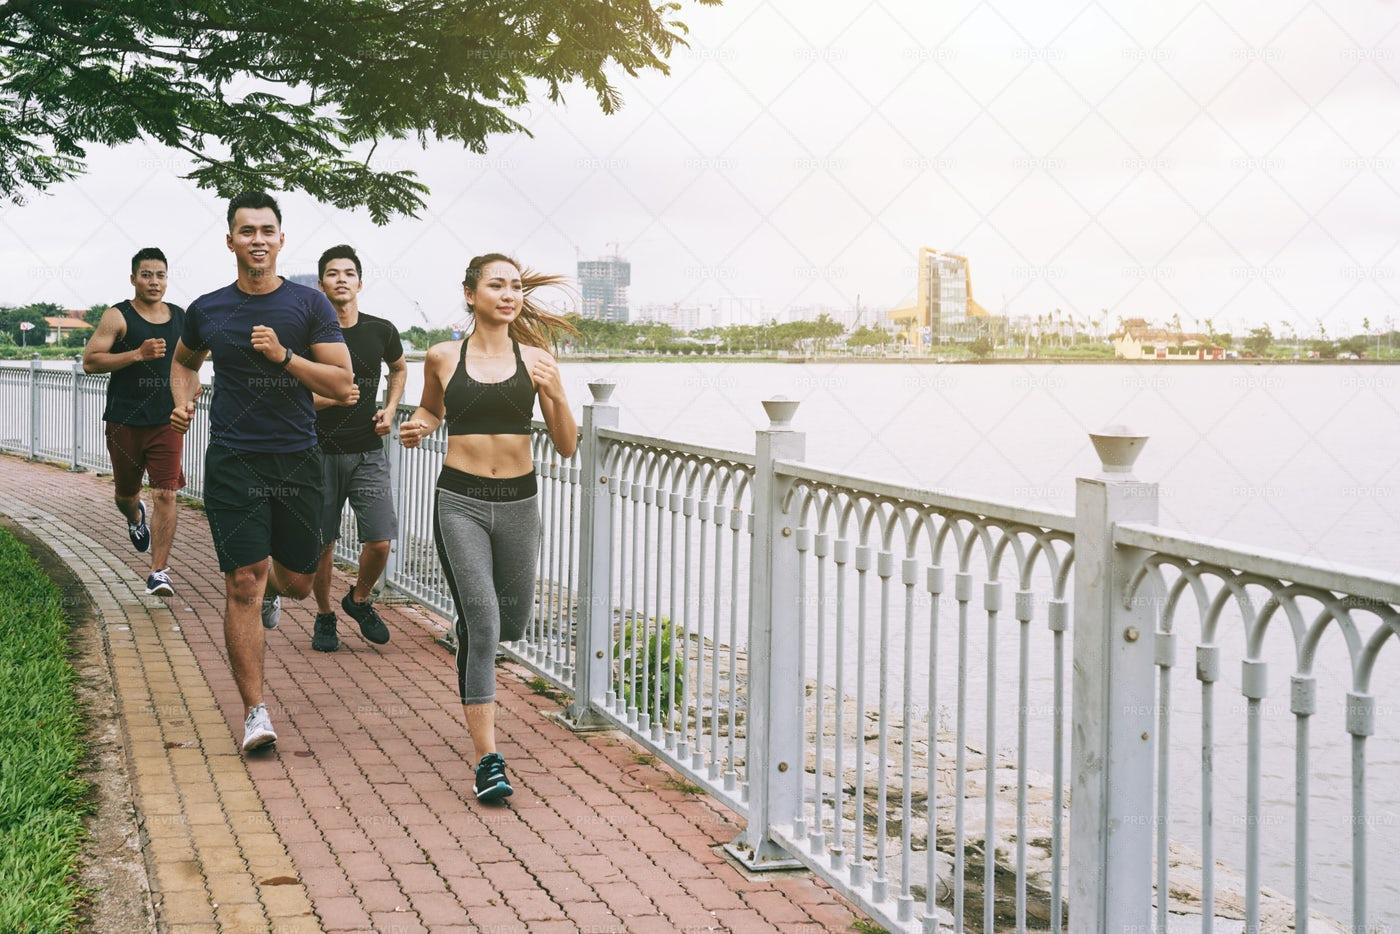 Jogging Along The River: Stock Photos